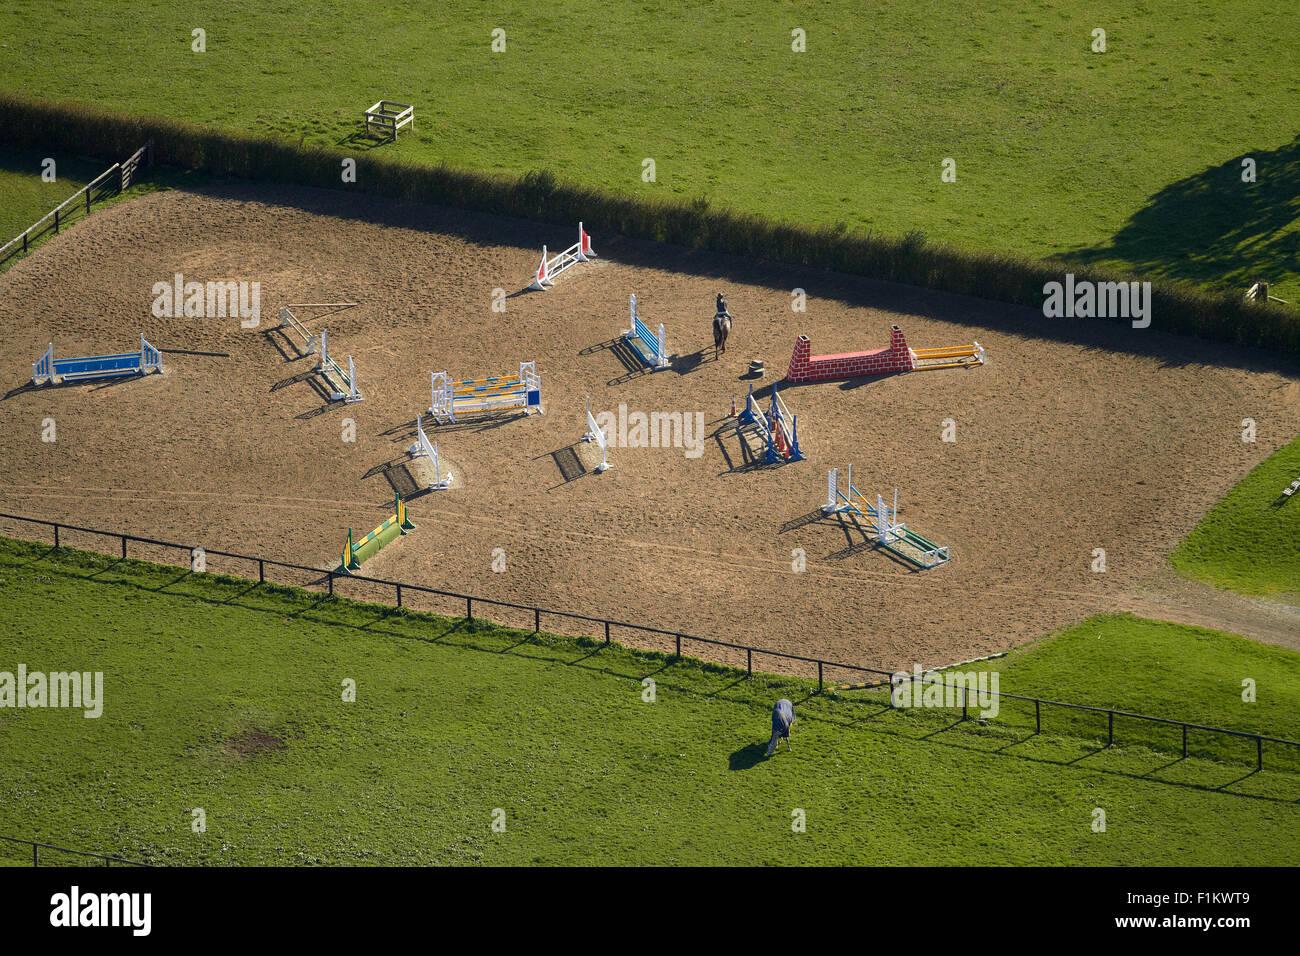 Cavaliere e cavallo su show jumping corso, Ardmore, South Auckland, Isola del nord, Nuova Zelanda - aerial Immagini Stock